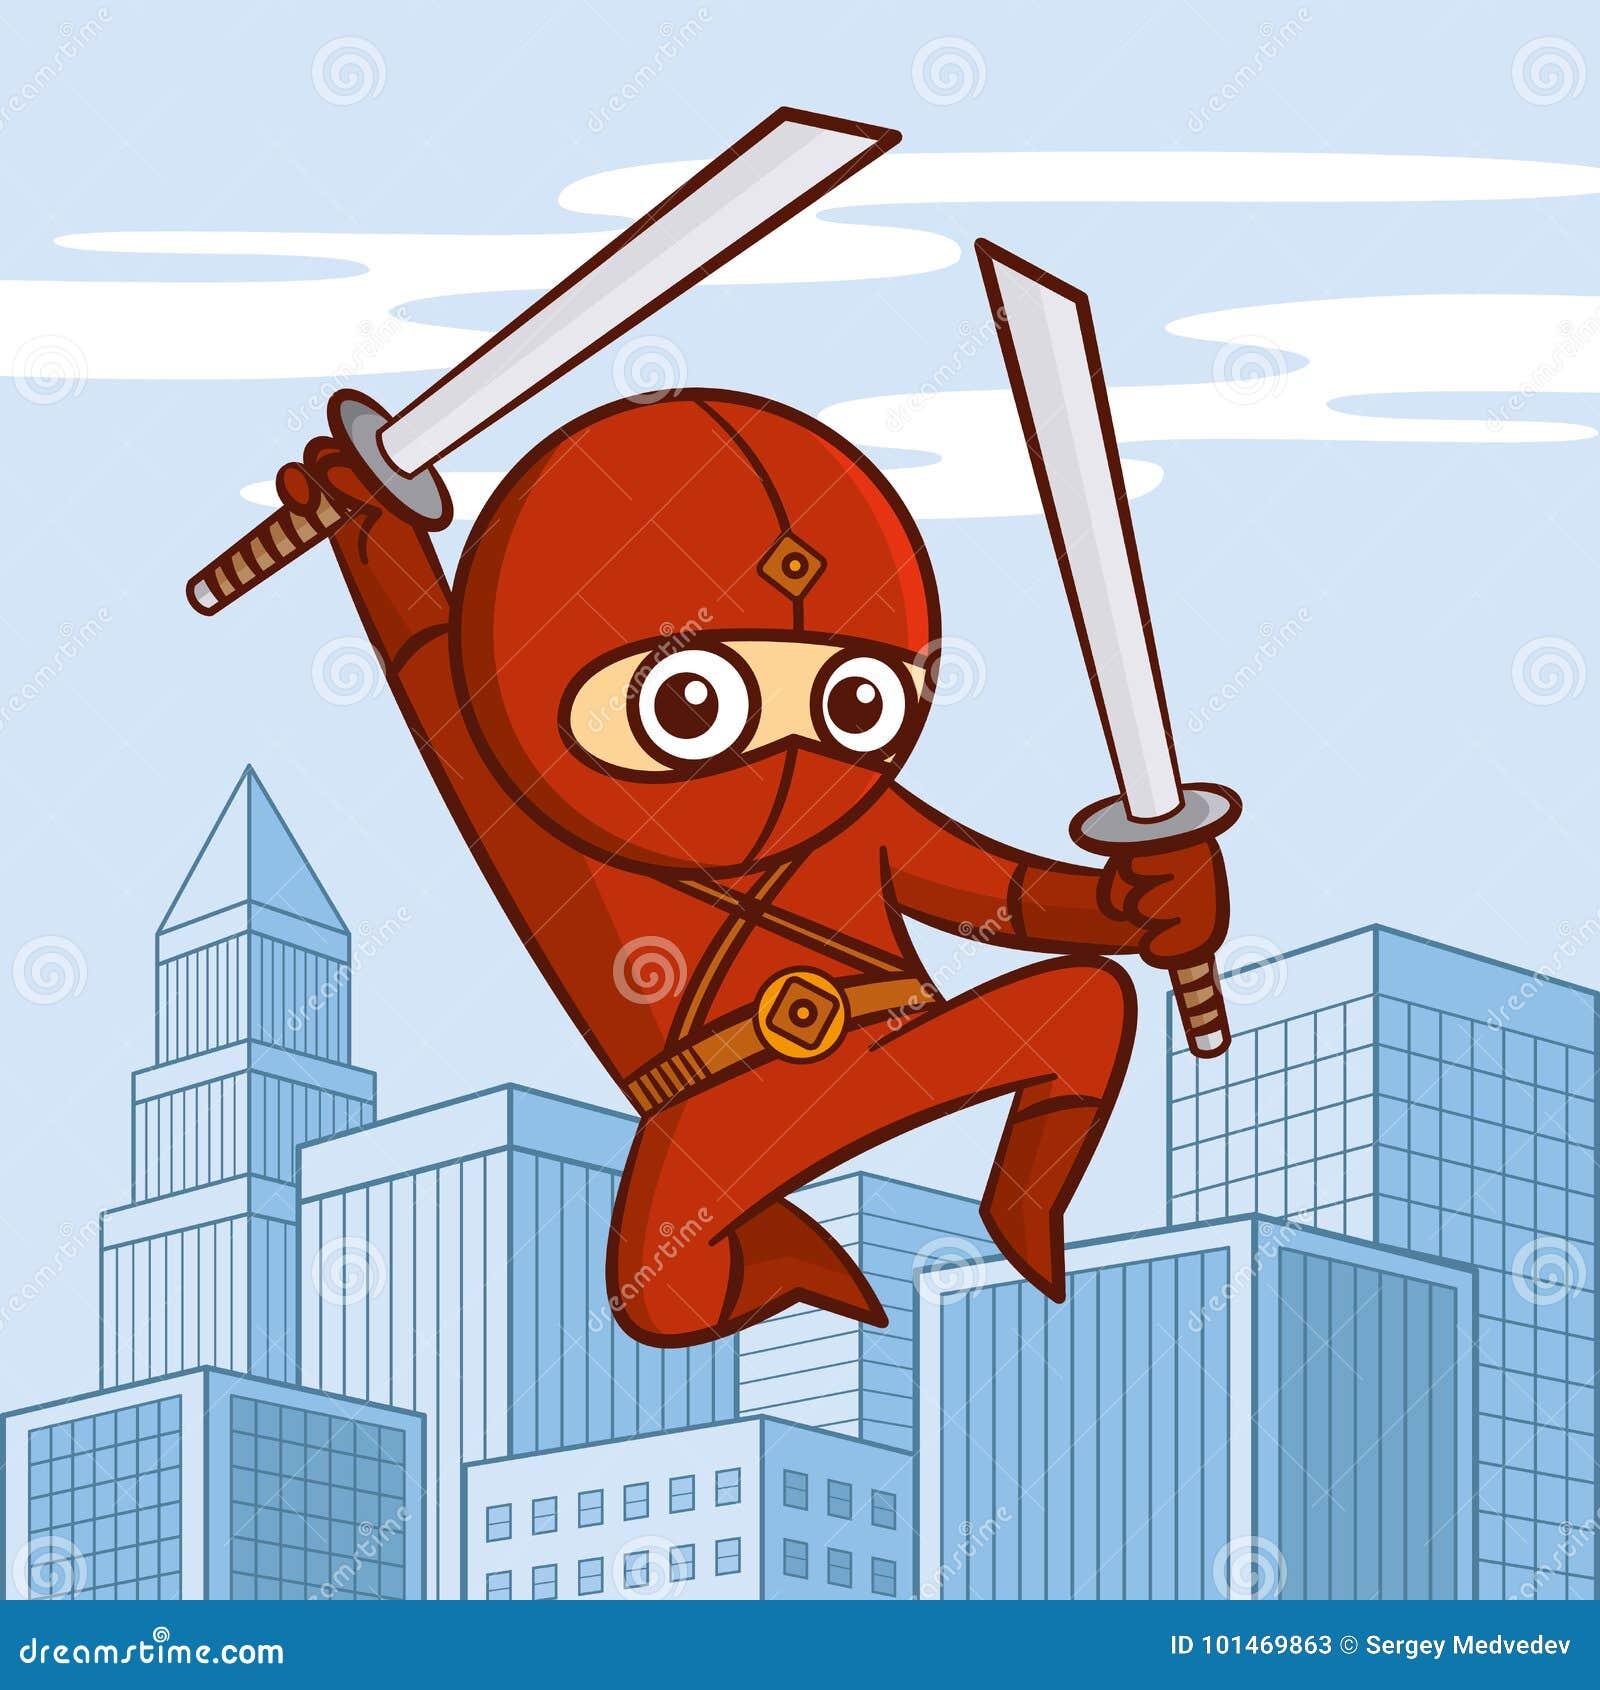 Персонаж из мультфильма супергероя